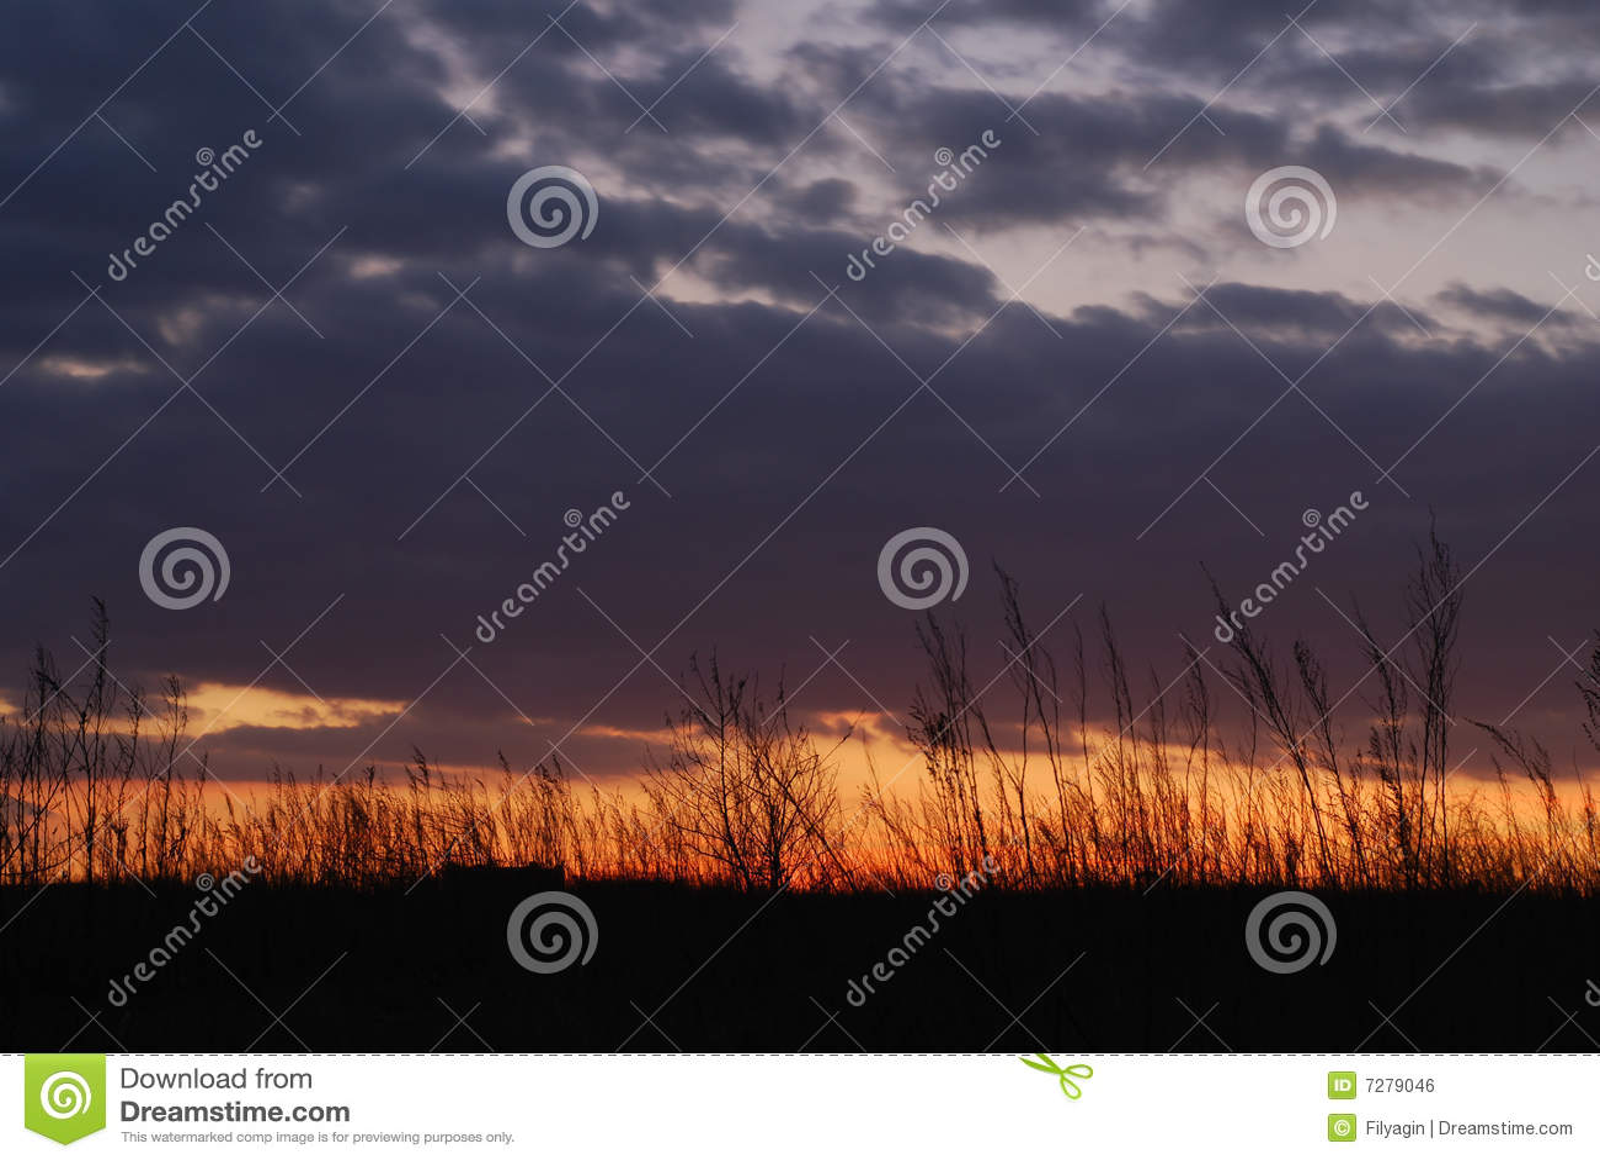 Nubes, malas hierbas, y puesta del sol